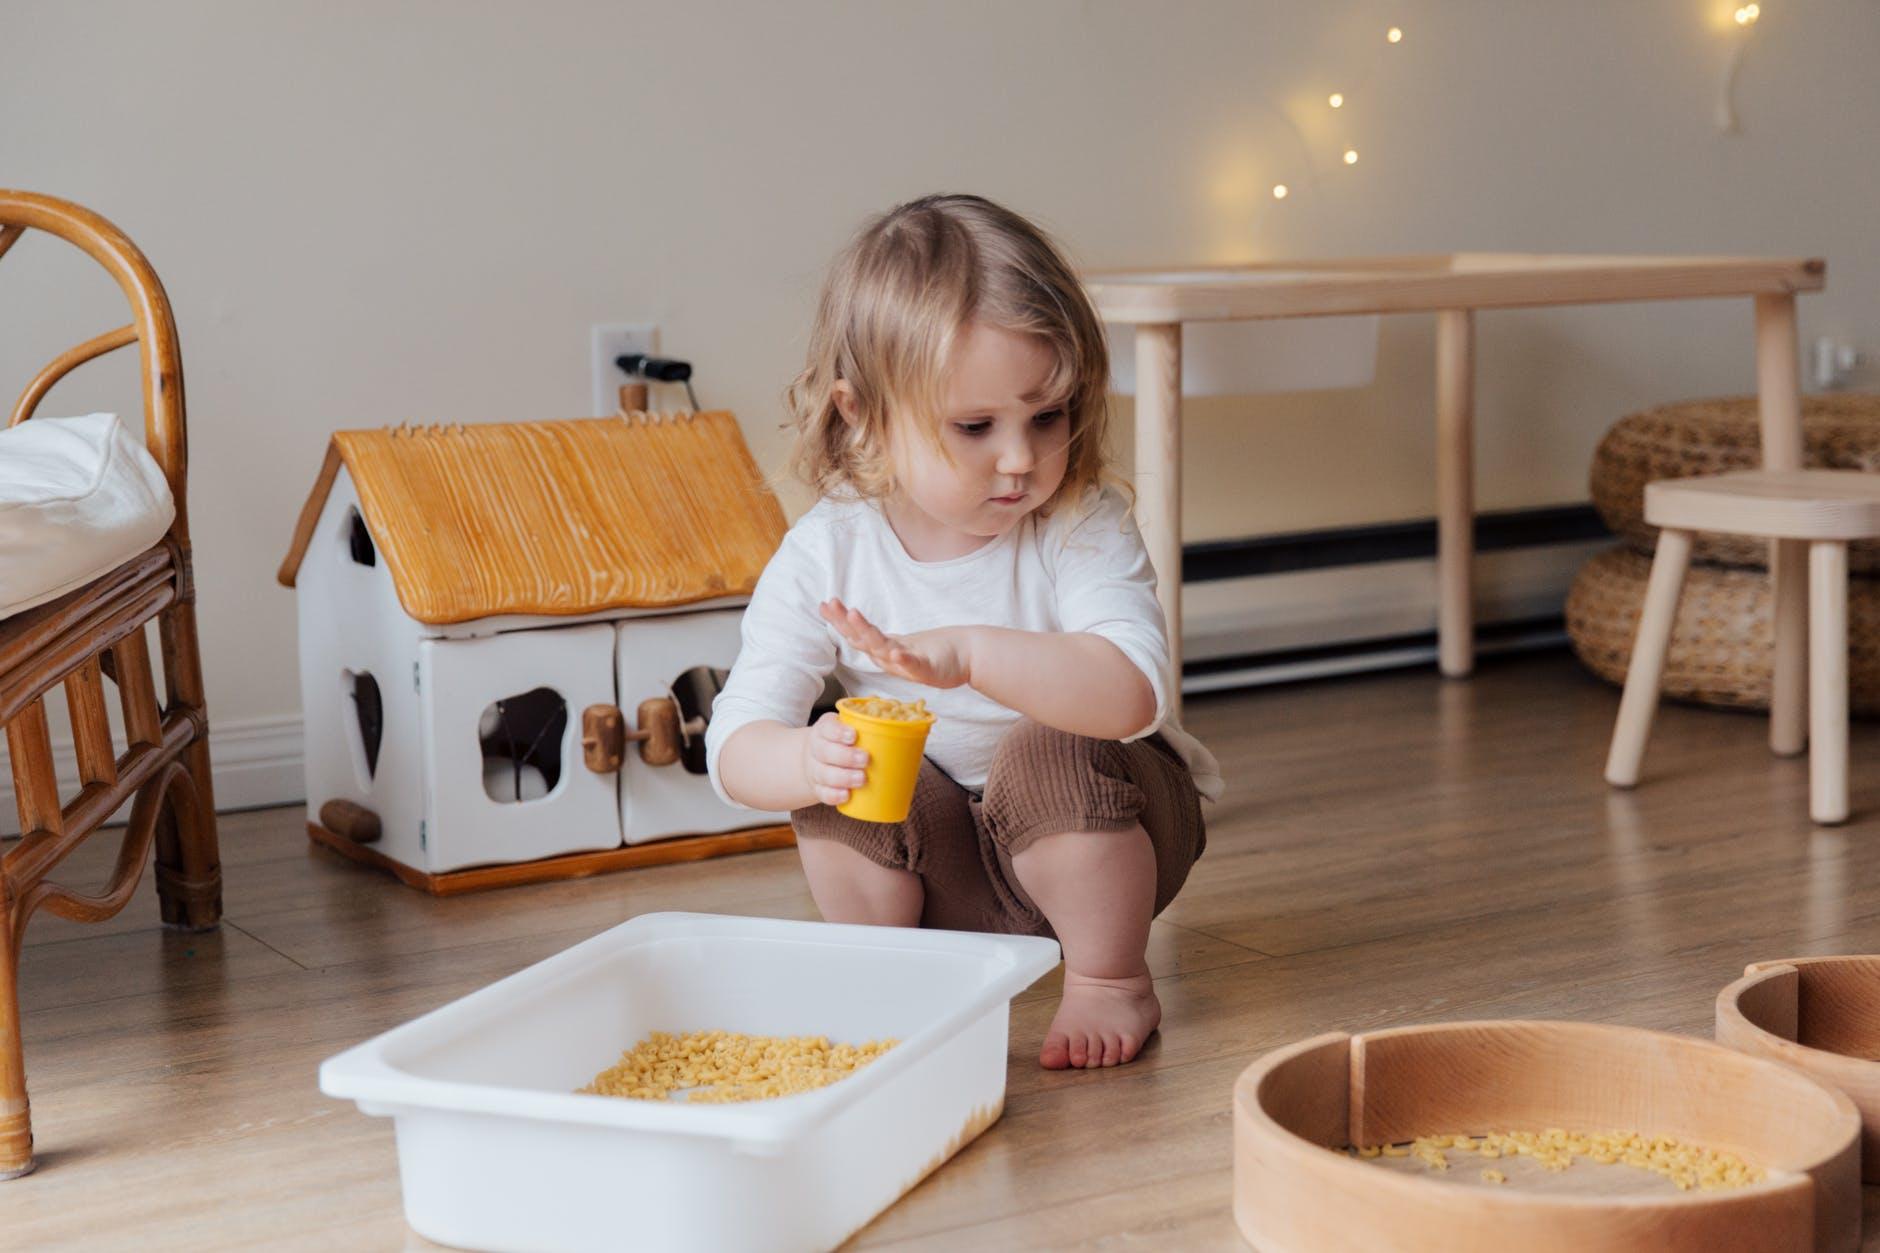 Дома из бутылок, контейнеров и Lego — как решают жилищную проблему в разных странах мира